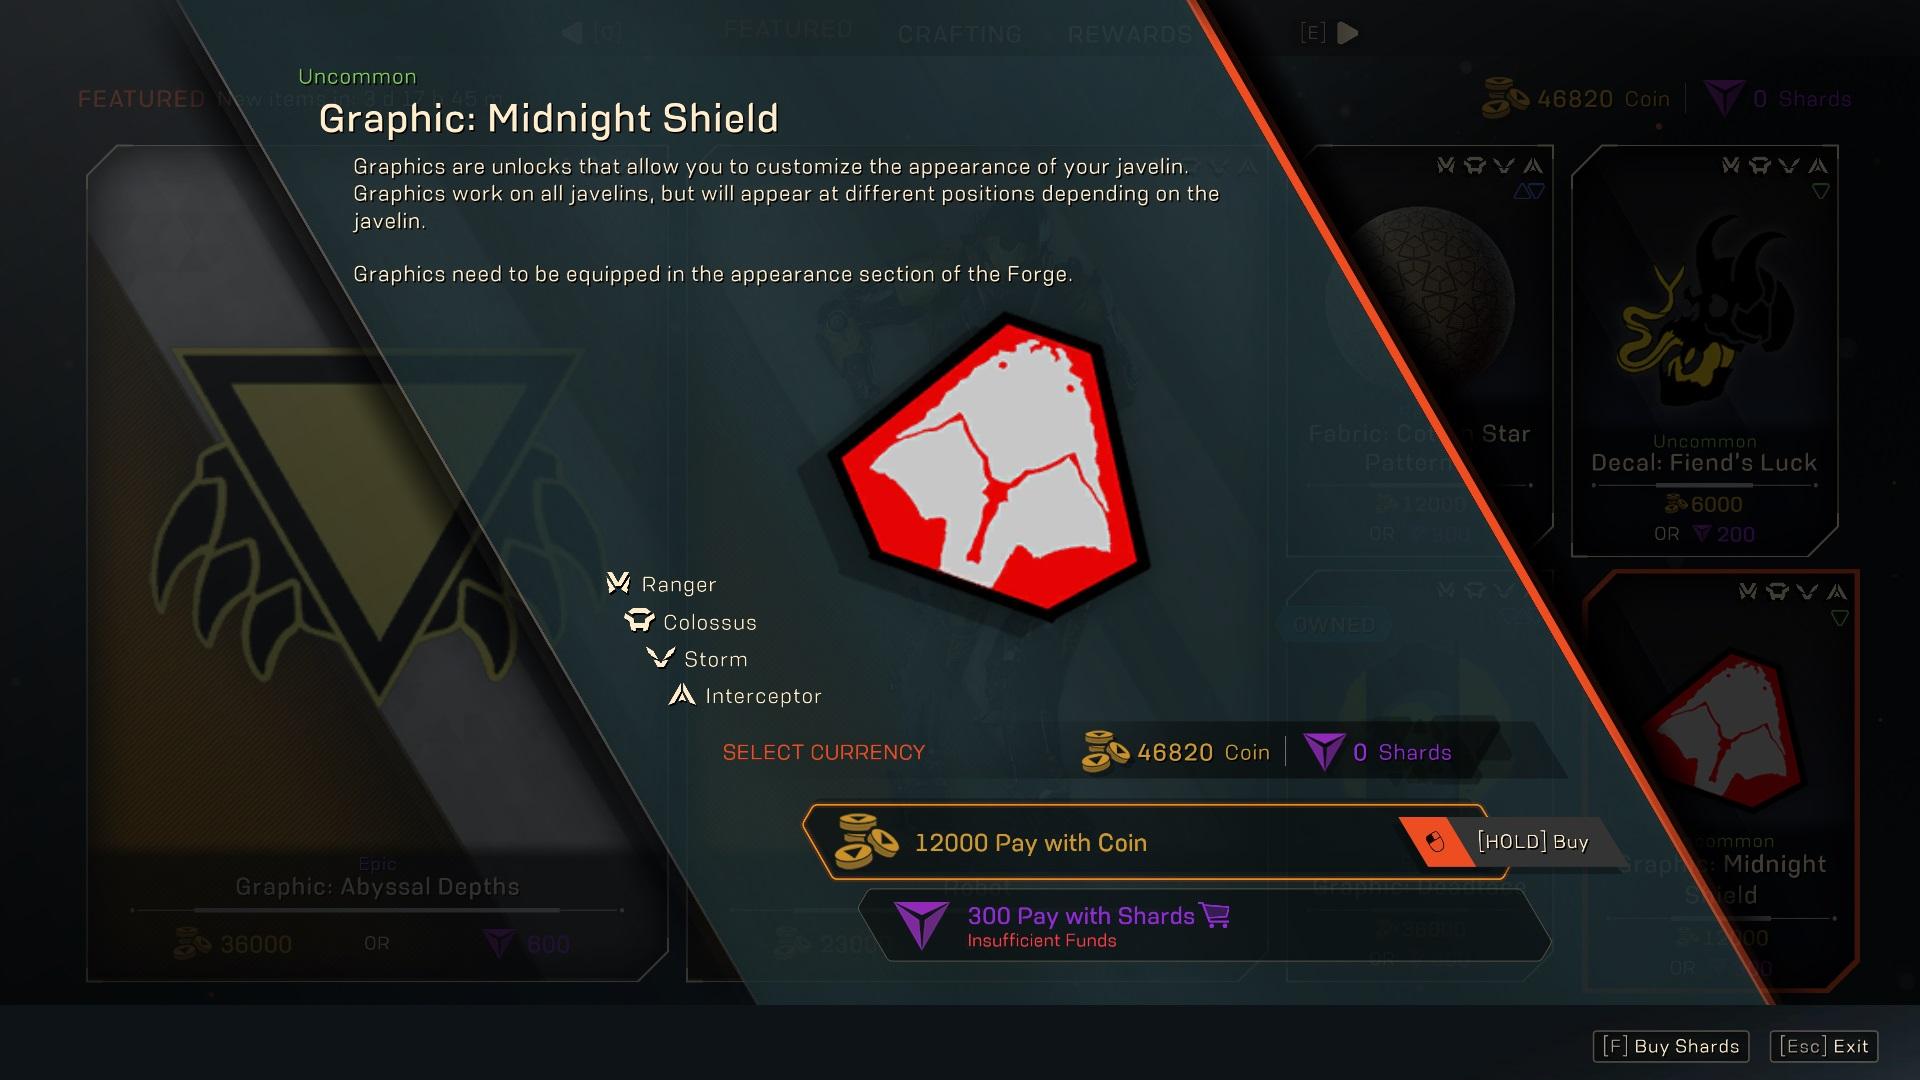 Midnight Shield